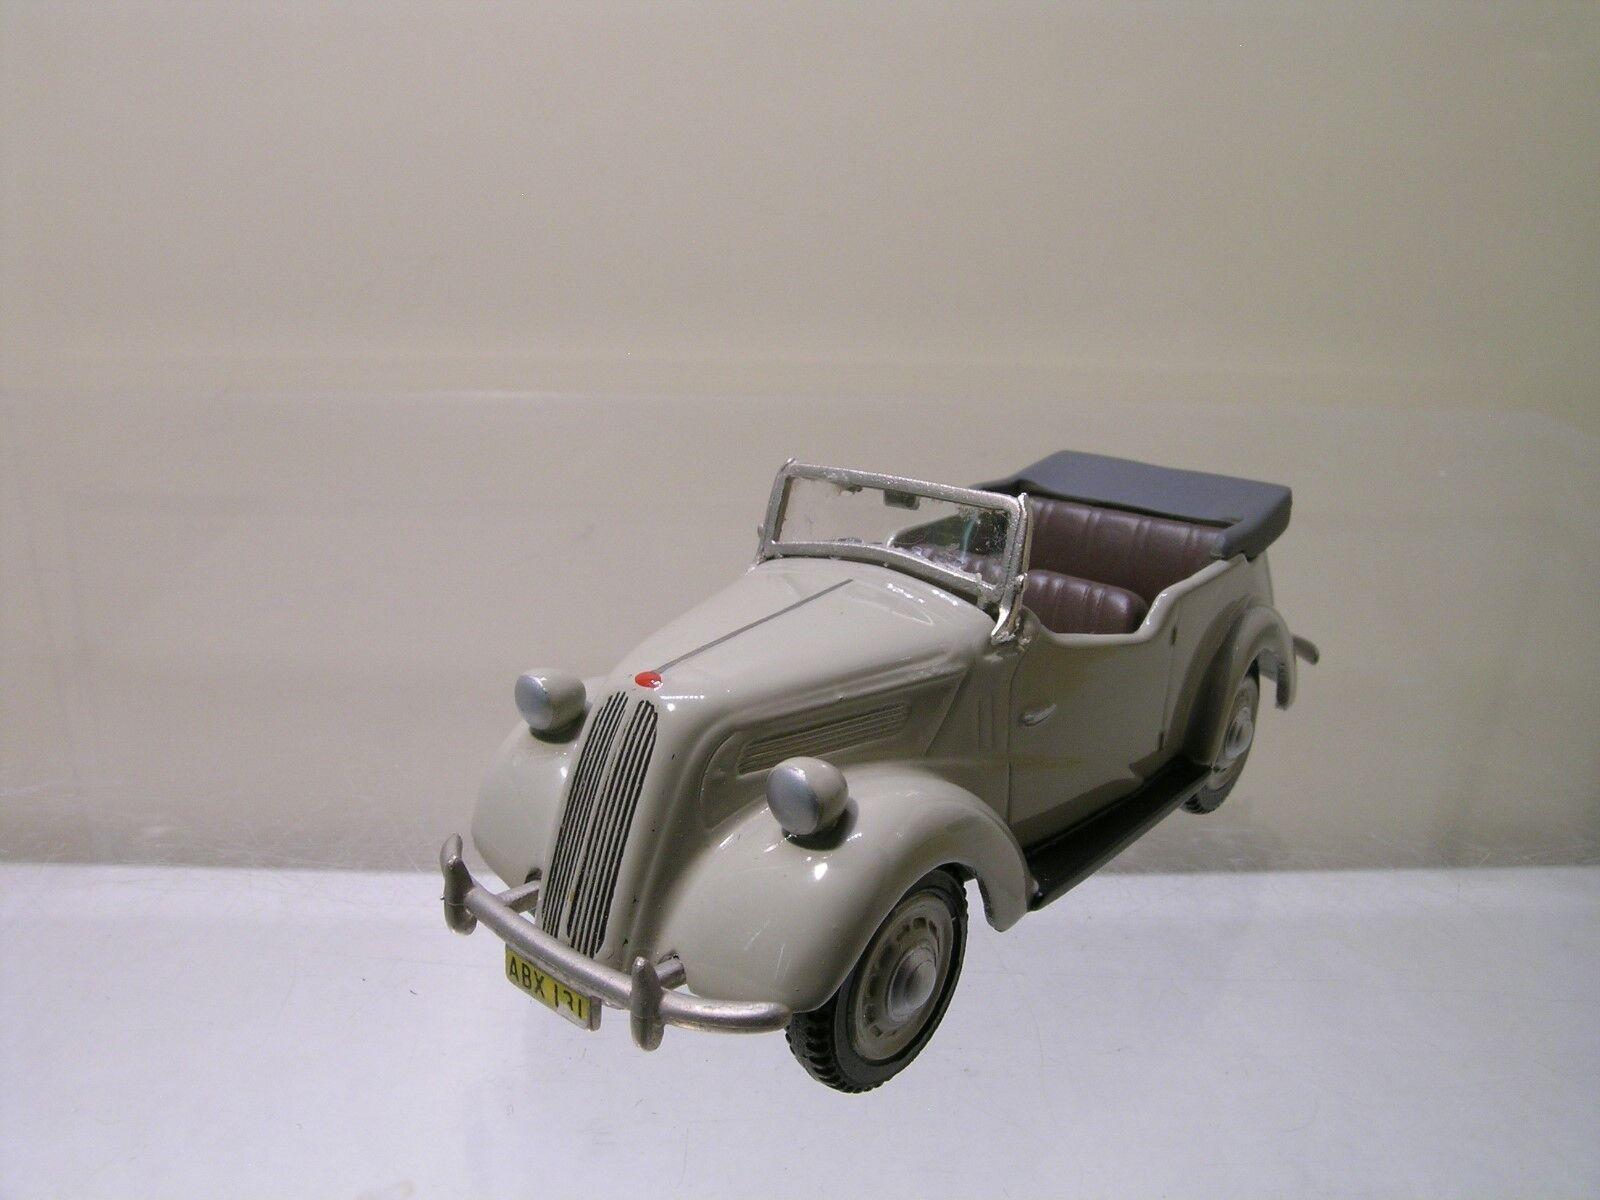 Somerville modelle 117 des ford anglia tourer cabrio grau handbuilt skala 1 43